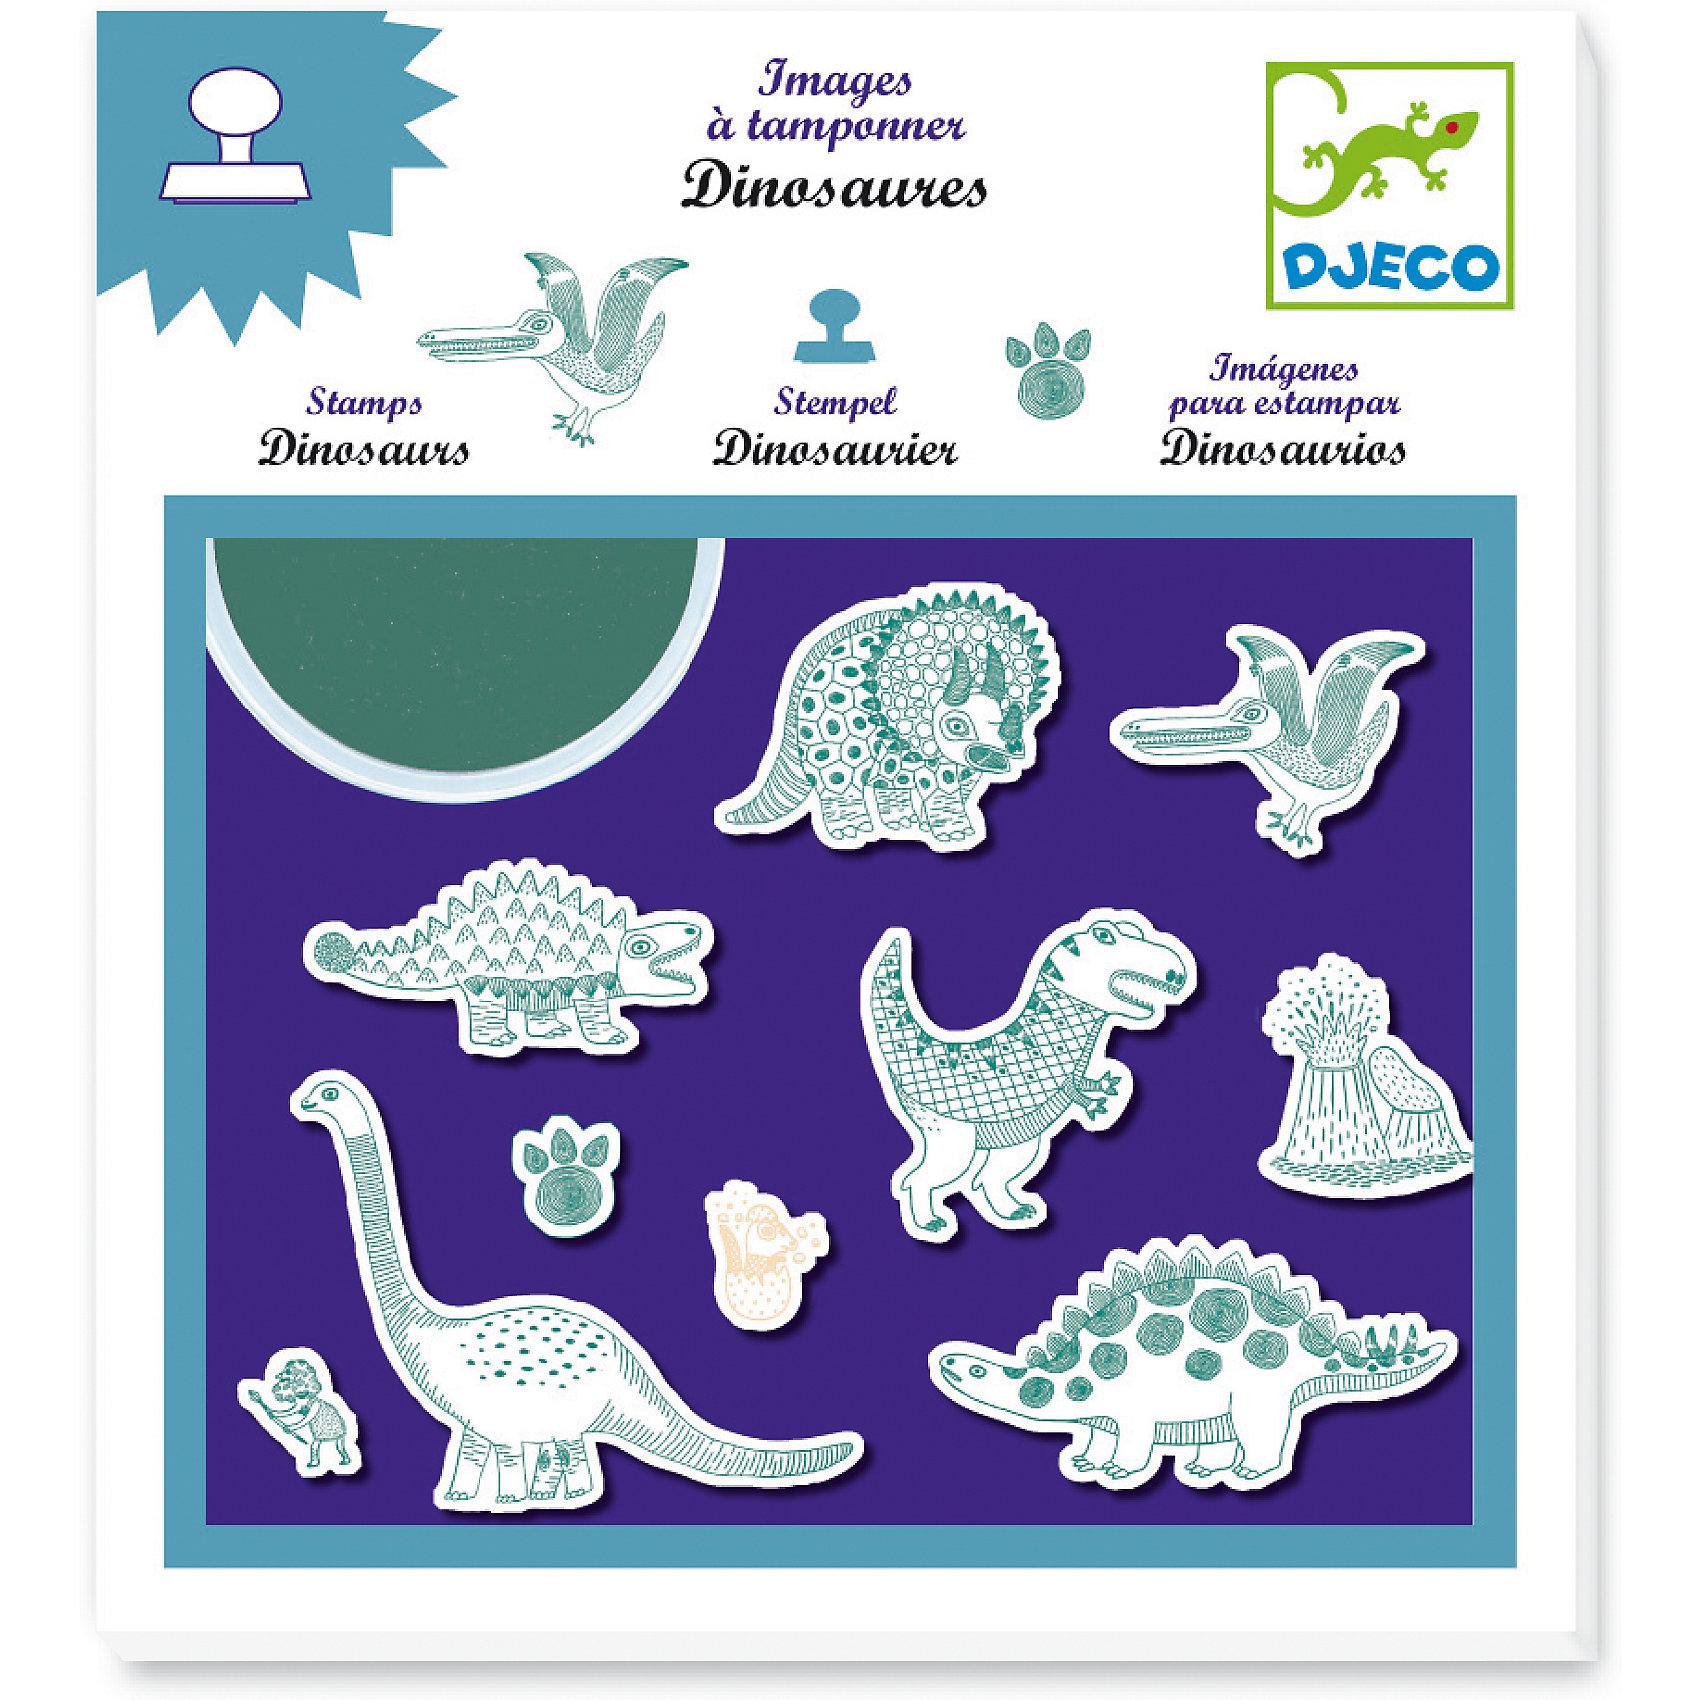 Набор штампов «Динозавры», DJECOРисование<br>Характеристики набора штампов Динозавры:<br><br>• возраст: от 3 лет<br>• пол: универсальный<br>• комплект: 10 штампов, штемпельная подушечка.<br>• состав: пластик, резина<br>• размер упаковки: 21 х 23 х 2 см.<br>• упаковка: картонная коробка блистерного типа.<br>• бренд: Djeco<br>• страна обладатель бренда: Франция.<br><br>Динозавры от компании Djeco - это детский набор штампиков, с которым ребенок проведет немало радостных минут. Использовать штампики очень просто, с этим справятся даже малыши. Для того, чтобы нанести изображение какого-либо динозавра на бумагу, достаточно лишь посильнее придавить штампик к листку бумаги.<br><br>Набор штампов Динозавры от торговой марки Djeco (Джеко) можно купить в нашем интернет-магазине.<br><br>Ширина мм: 230<br>Глубина мм: 210<br>Высота мм: 200<br>Вес г: 300<br>Возраст от месяцев: 48<br>Возраст до месяцев: 2147483647<br>Пол: Унисекс<br>Возраст: Детский<br>SKU: 5448815